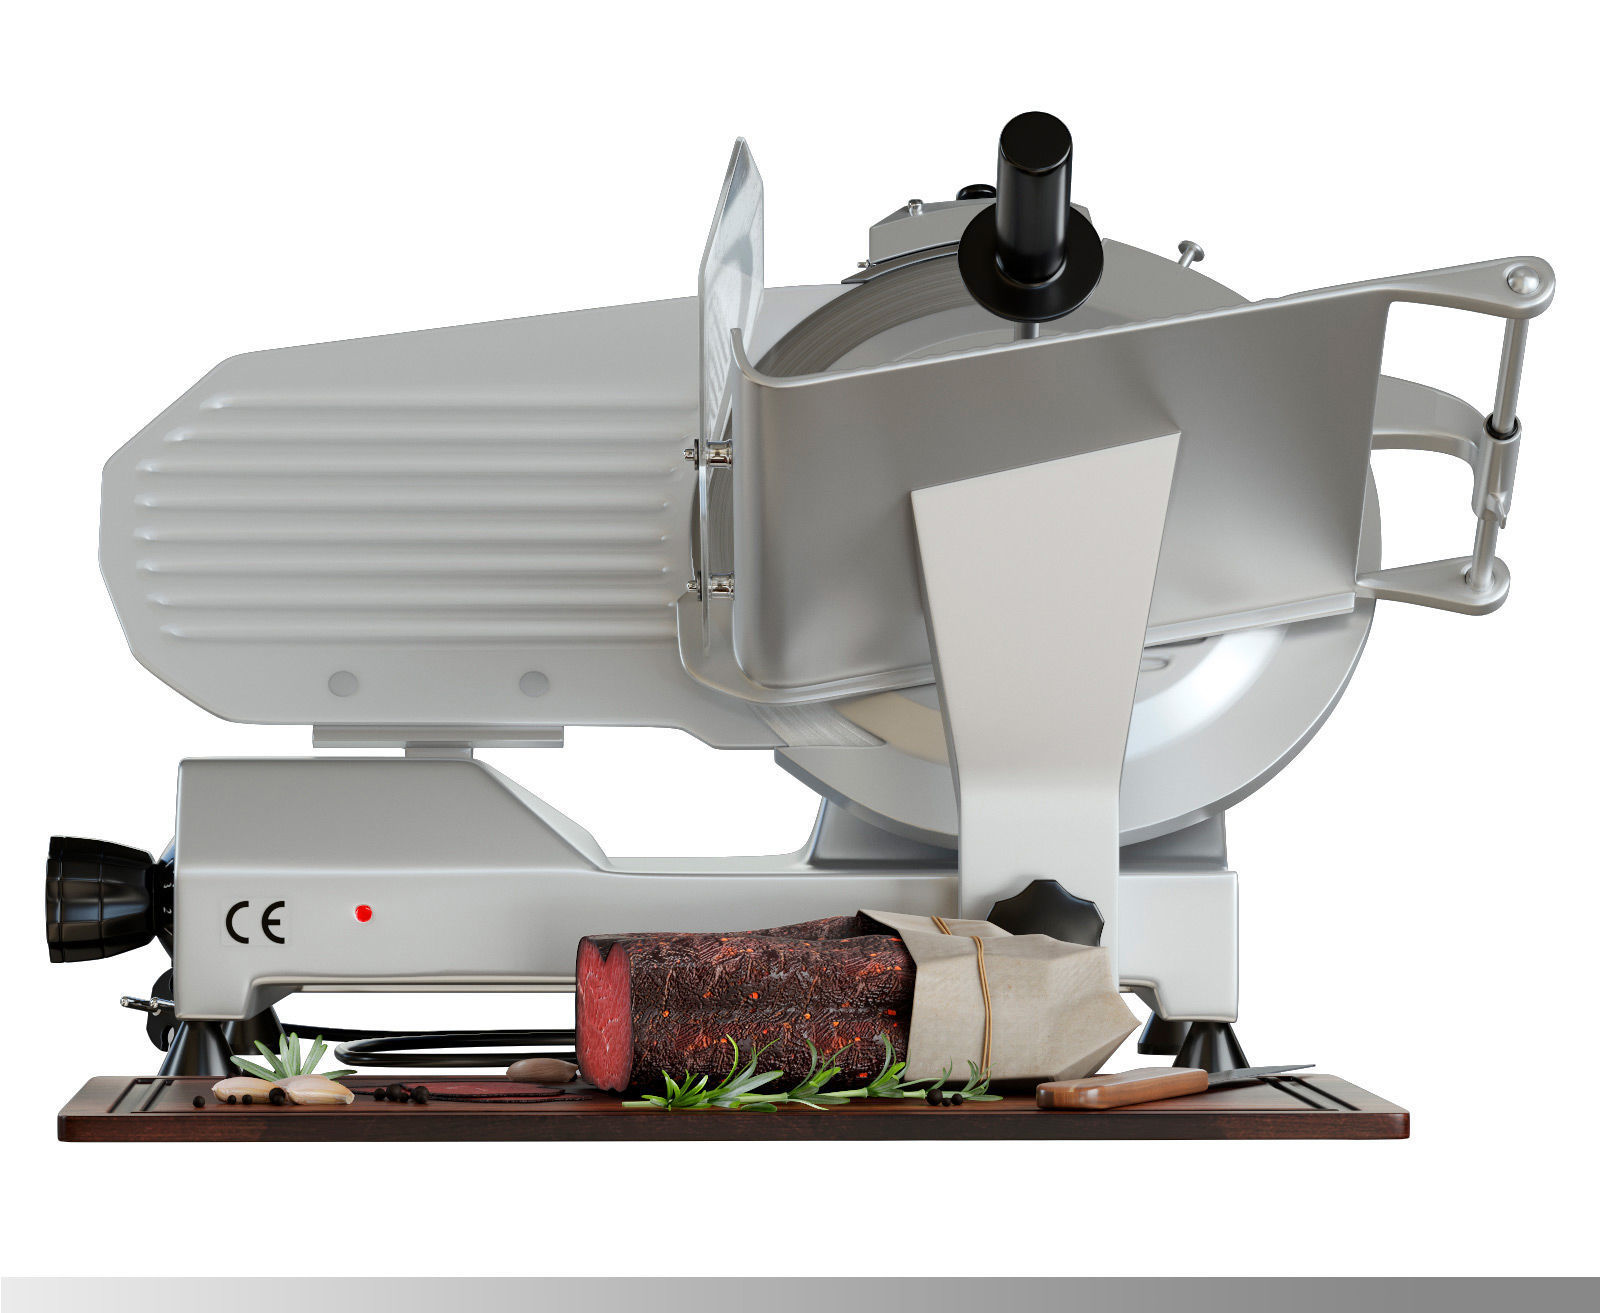 Industrial Meat Slicer Sirman MIRRA 300